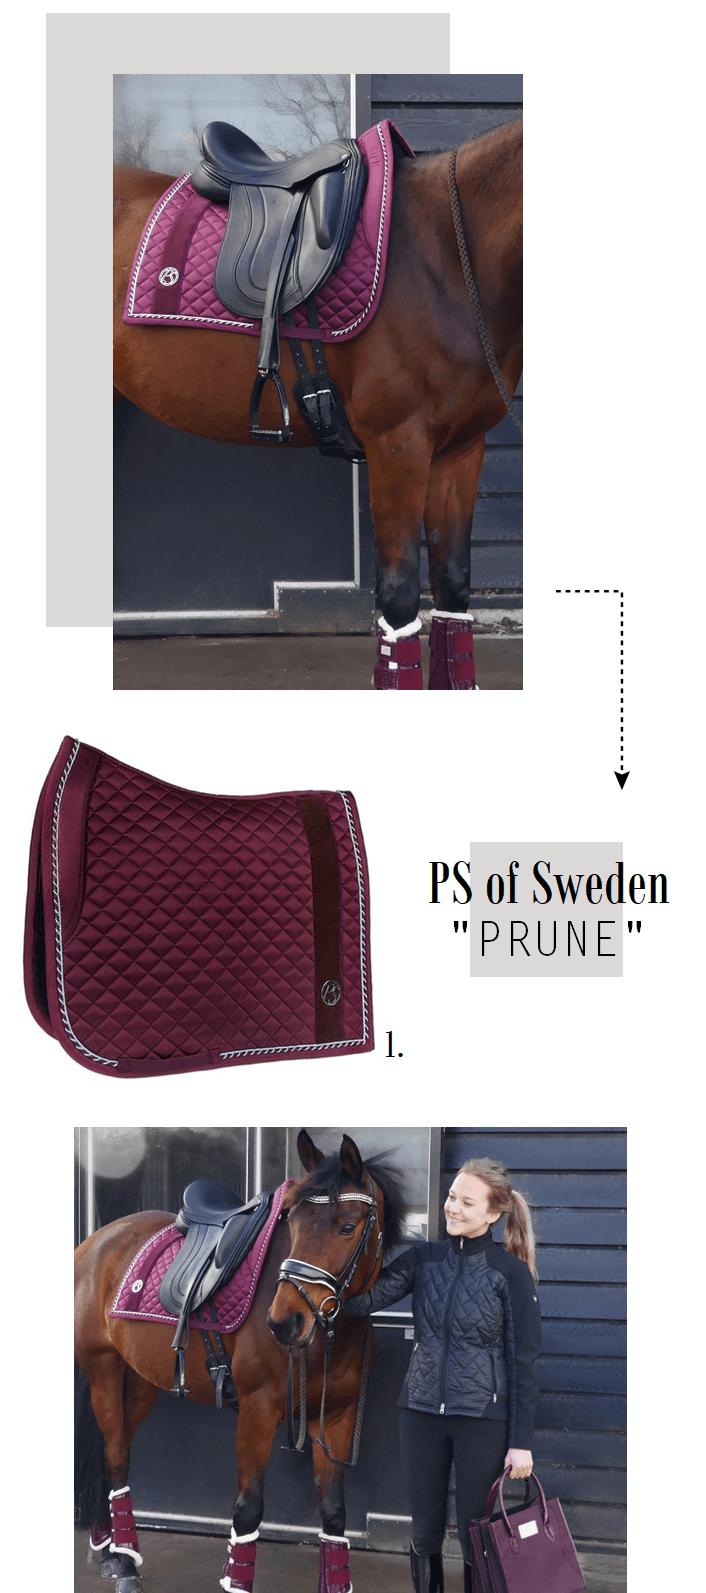 PS of Sweden set